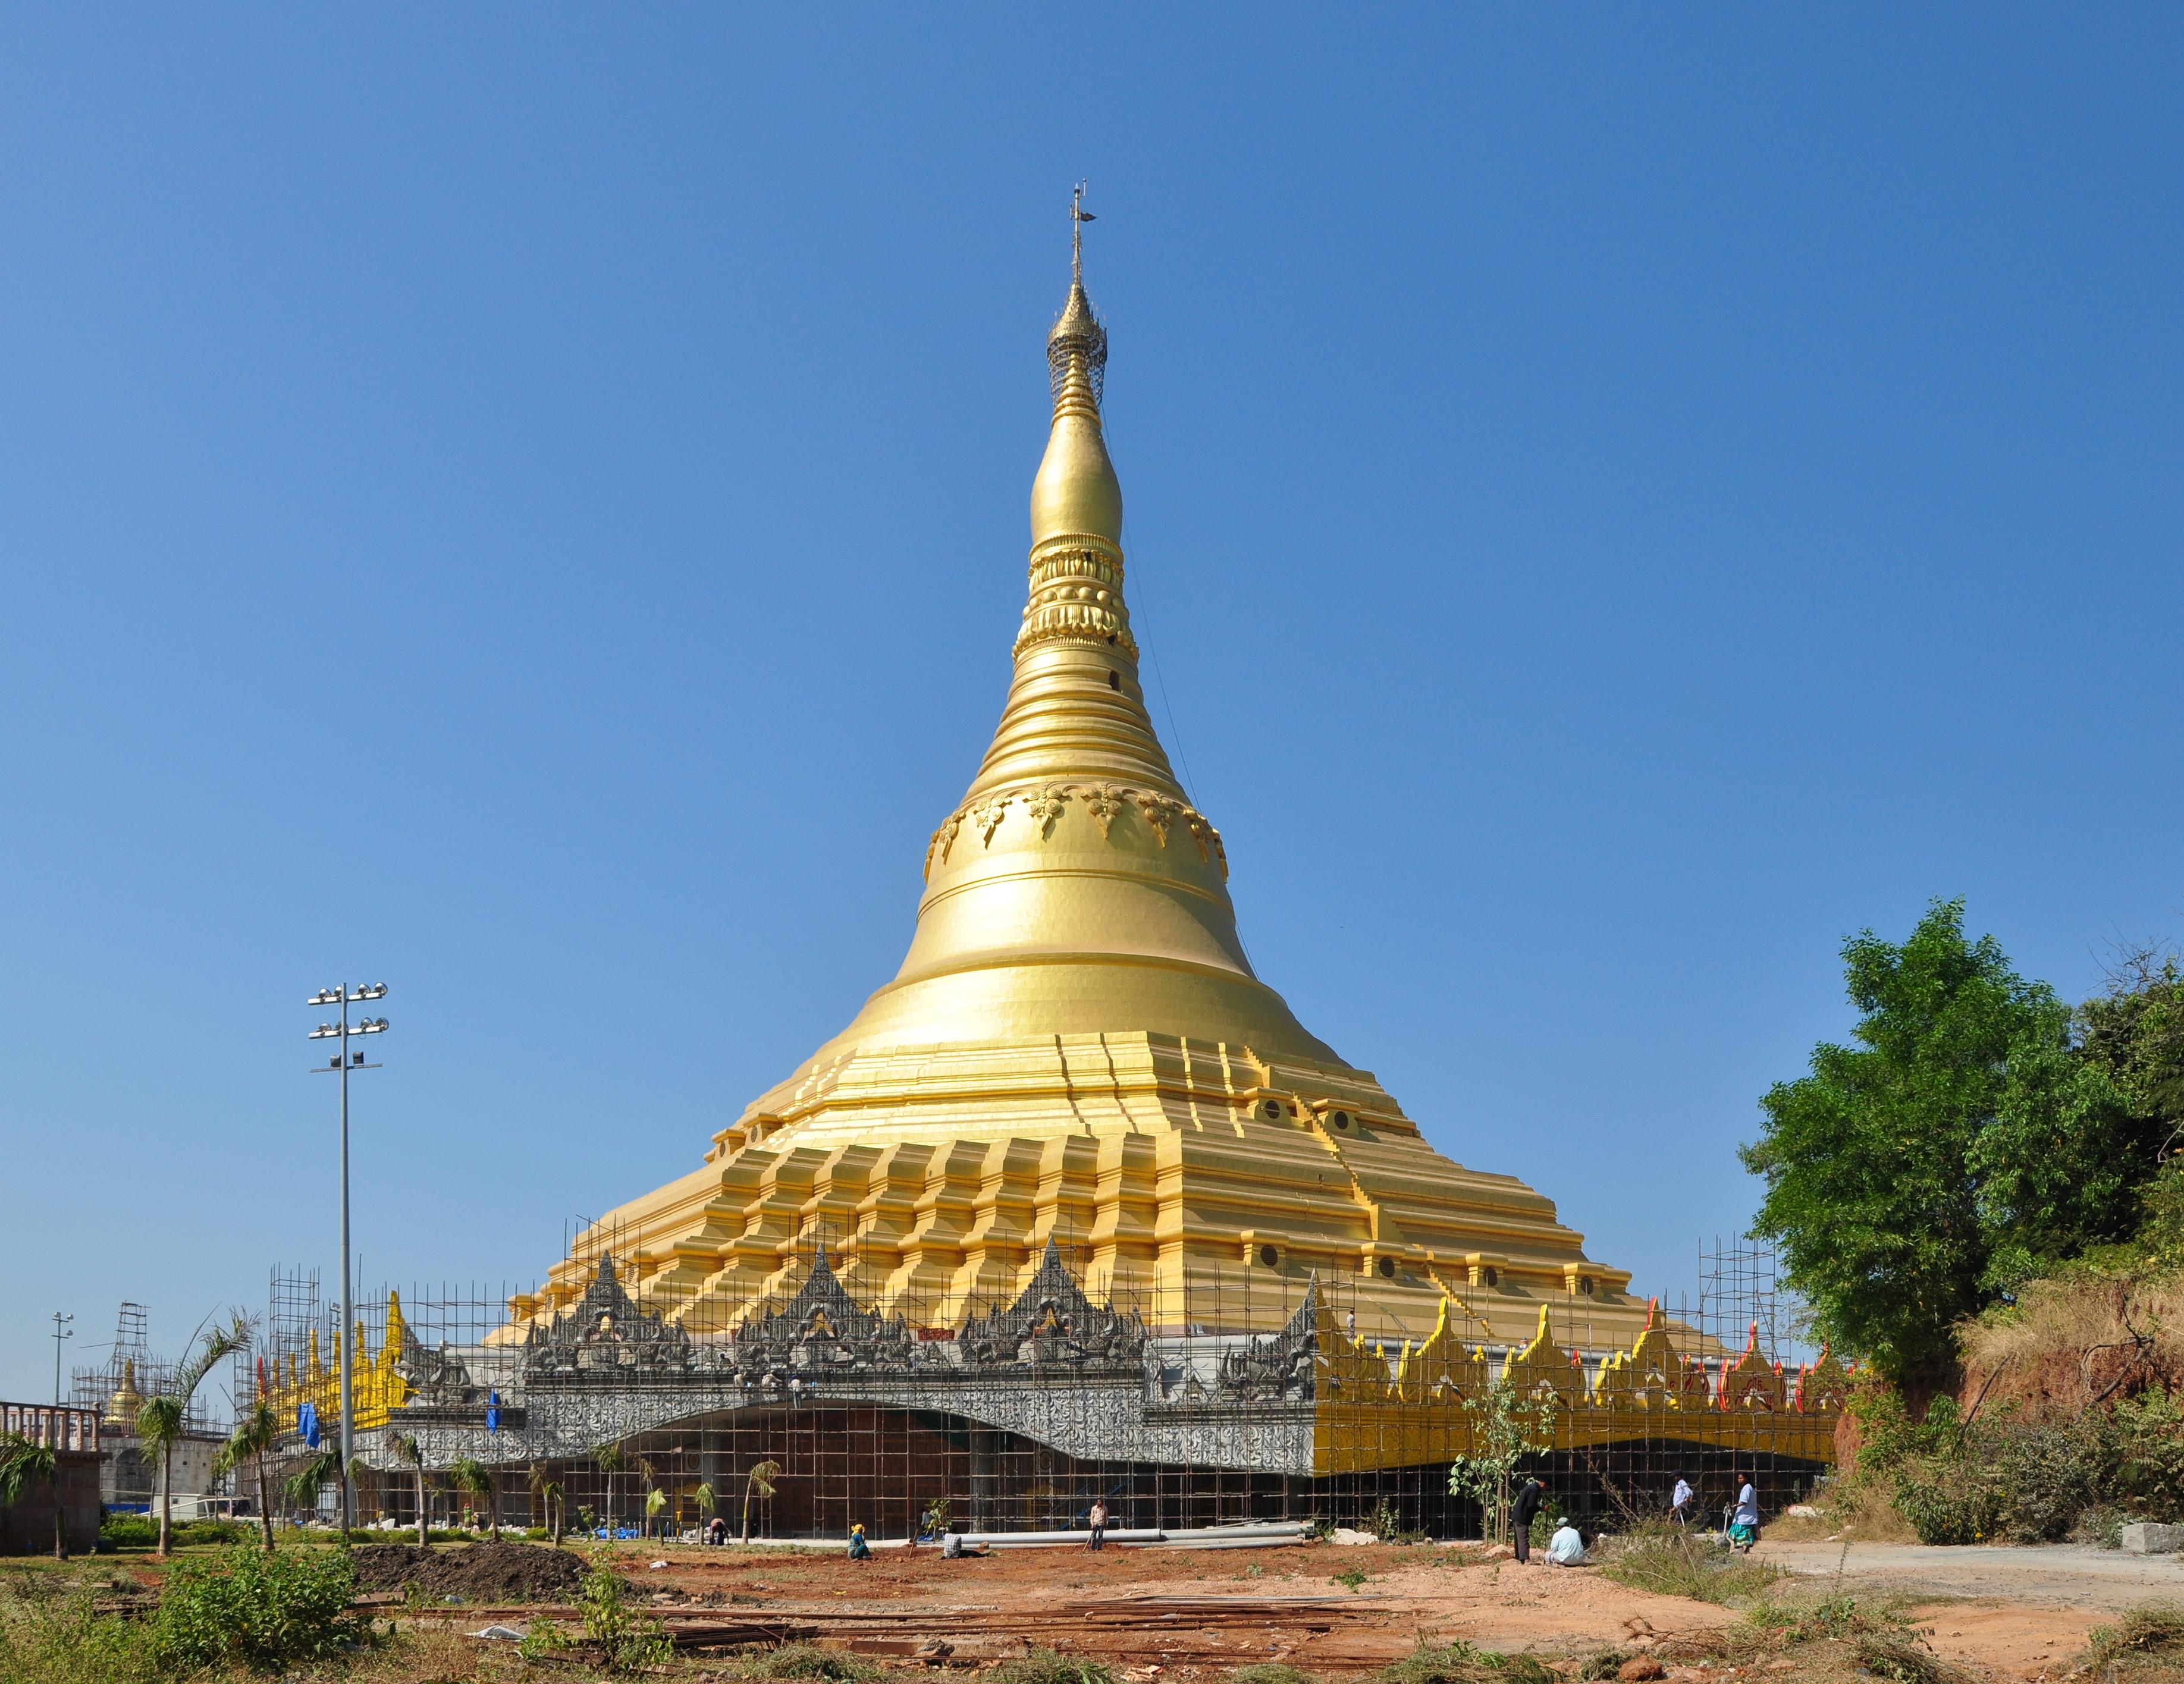 Global_Vipassana_Pagoda_1